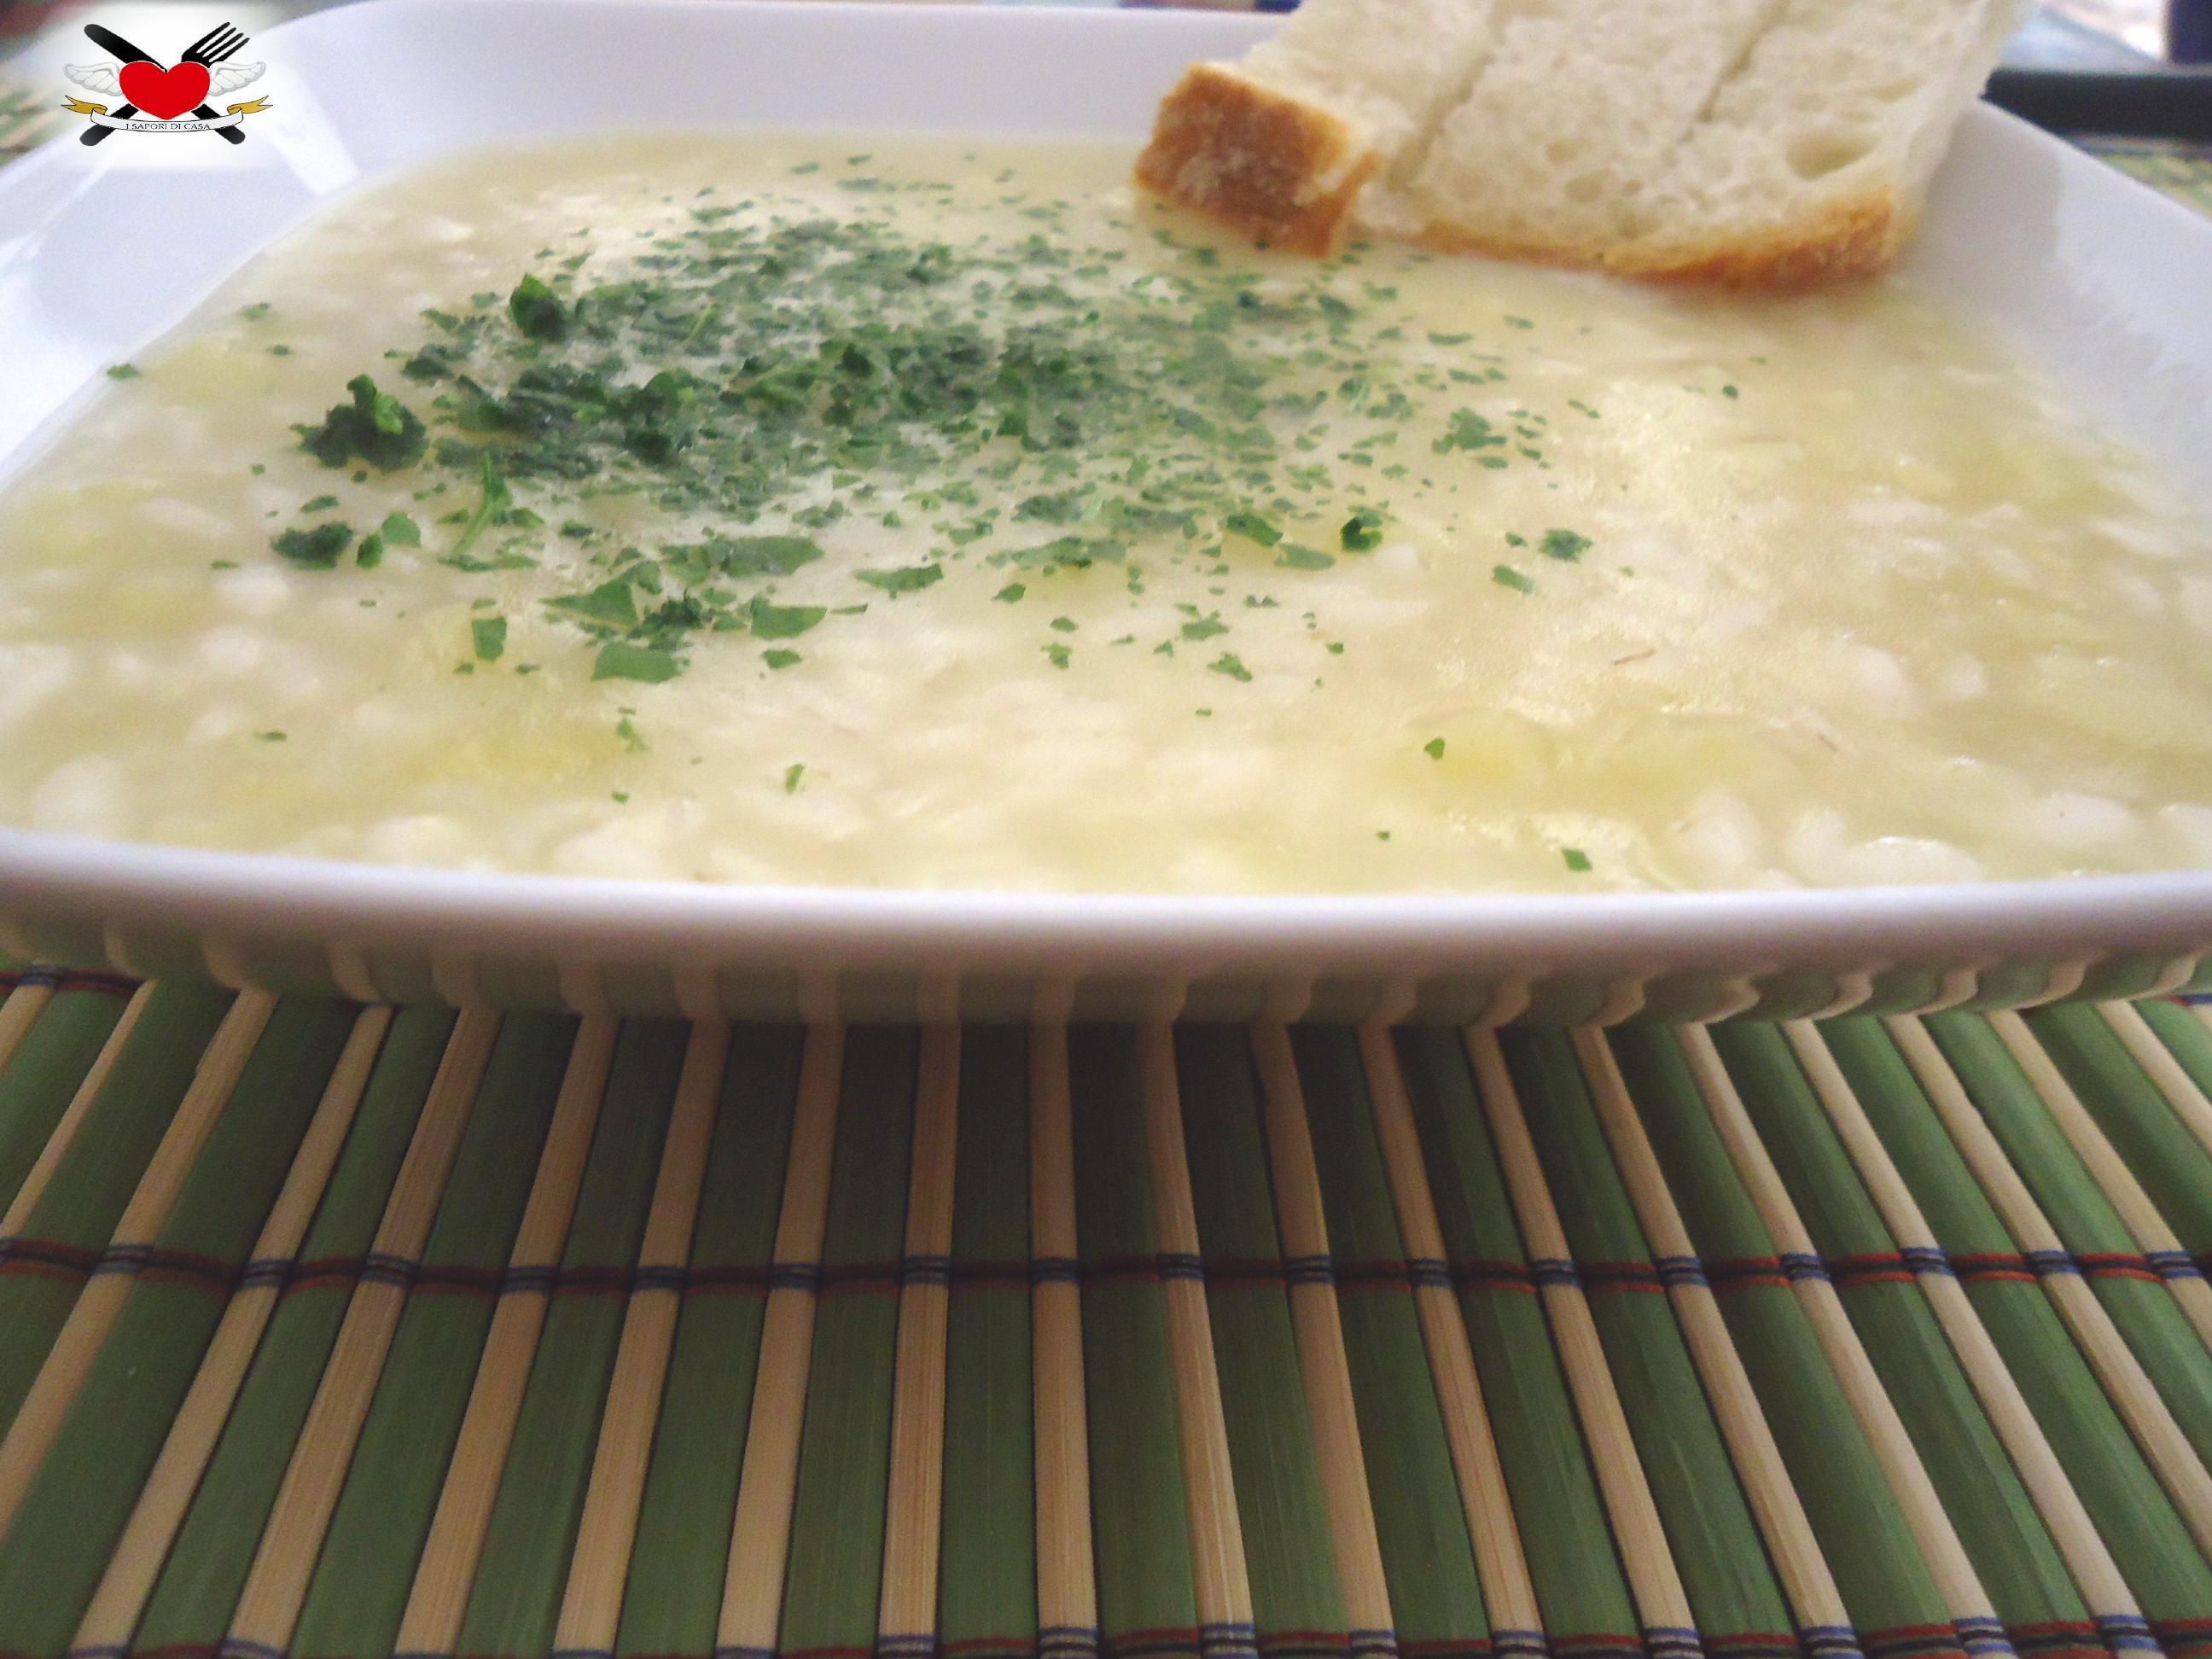 Crema di patate con riso vialone nano - ricetta economica..